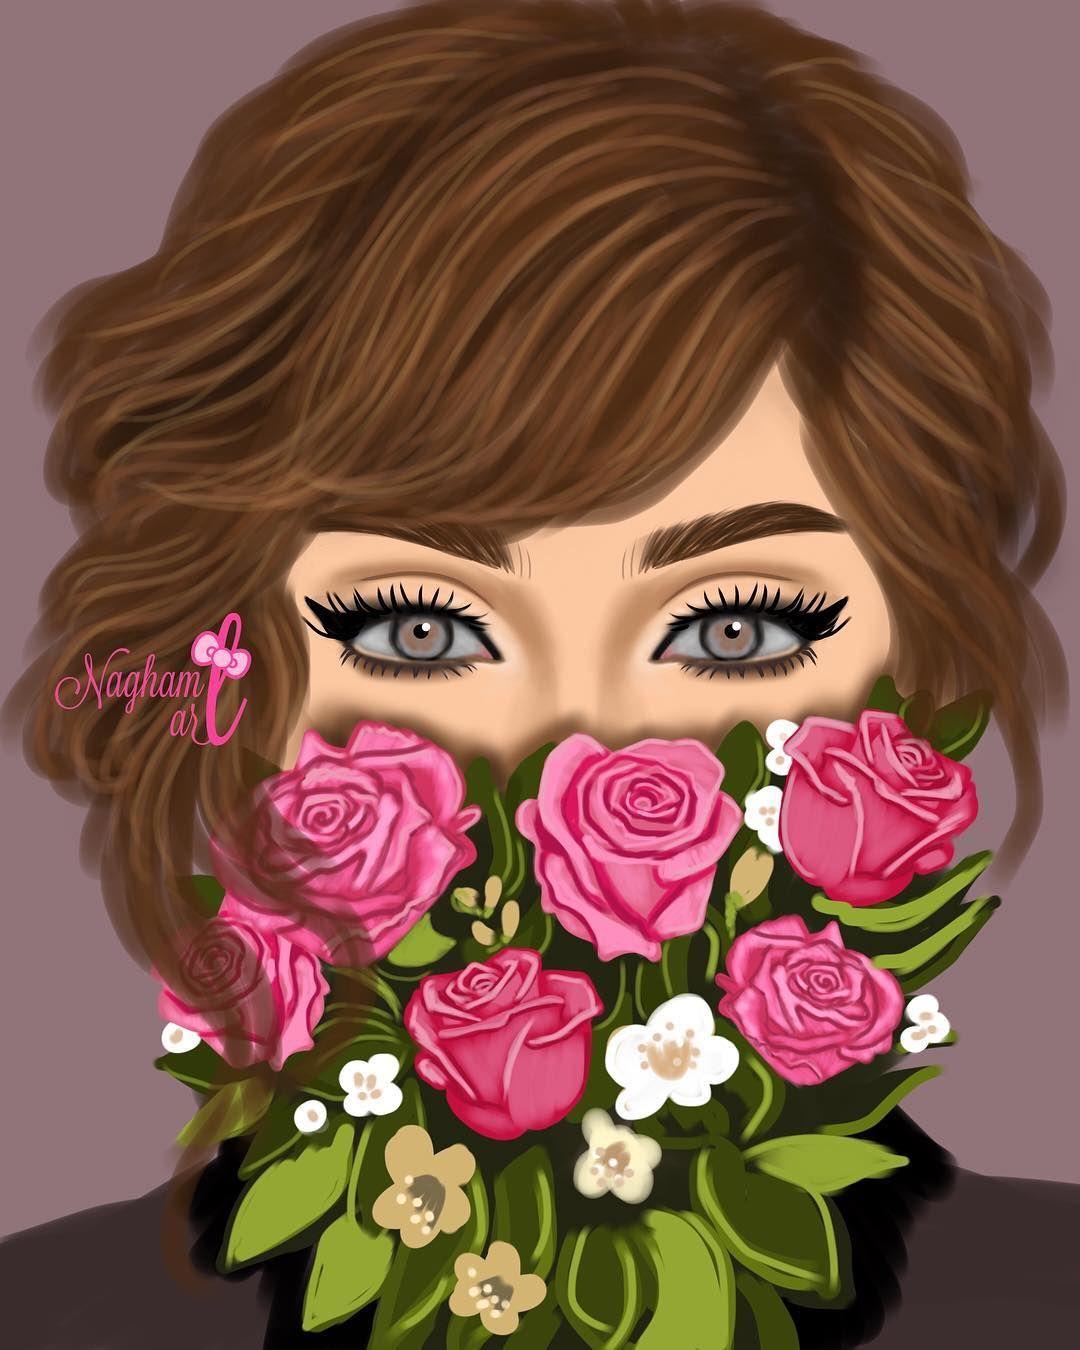 خلفيات بنات كرتونيه رمزيات كرتون للبنات Girly Drawings Girly M Sarra Art